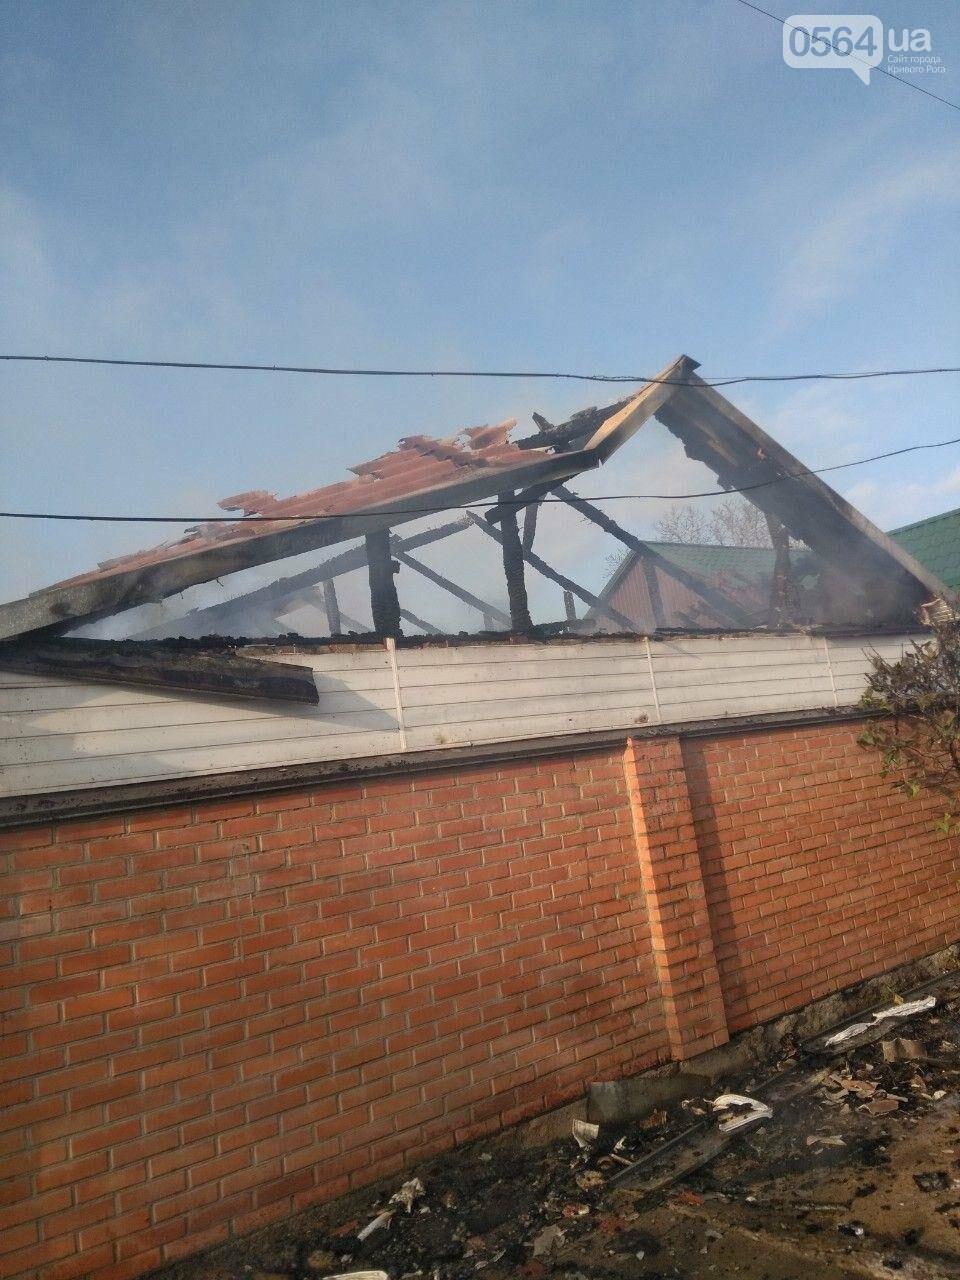 Машина, гараж, крыша летней кухни сгорели в результате пожара в Кривом Роге, - ФОТО  , фото-5